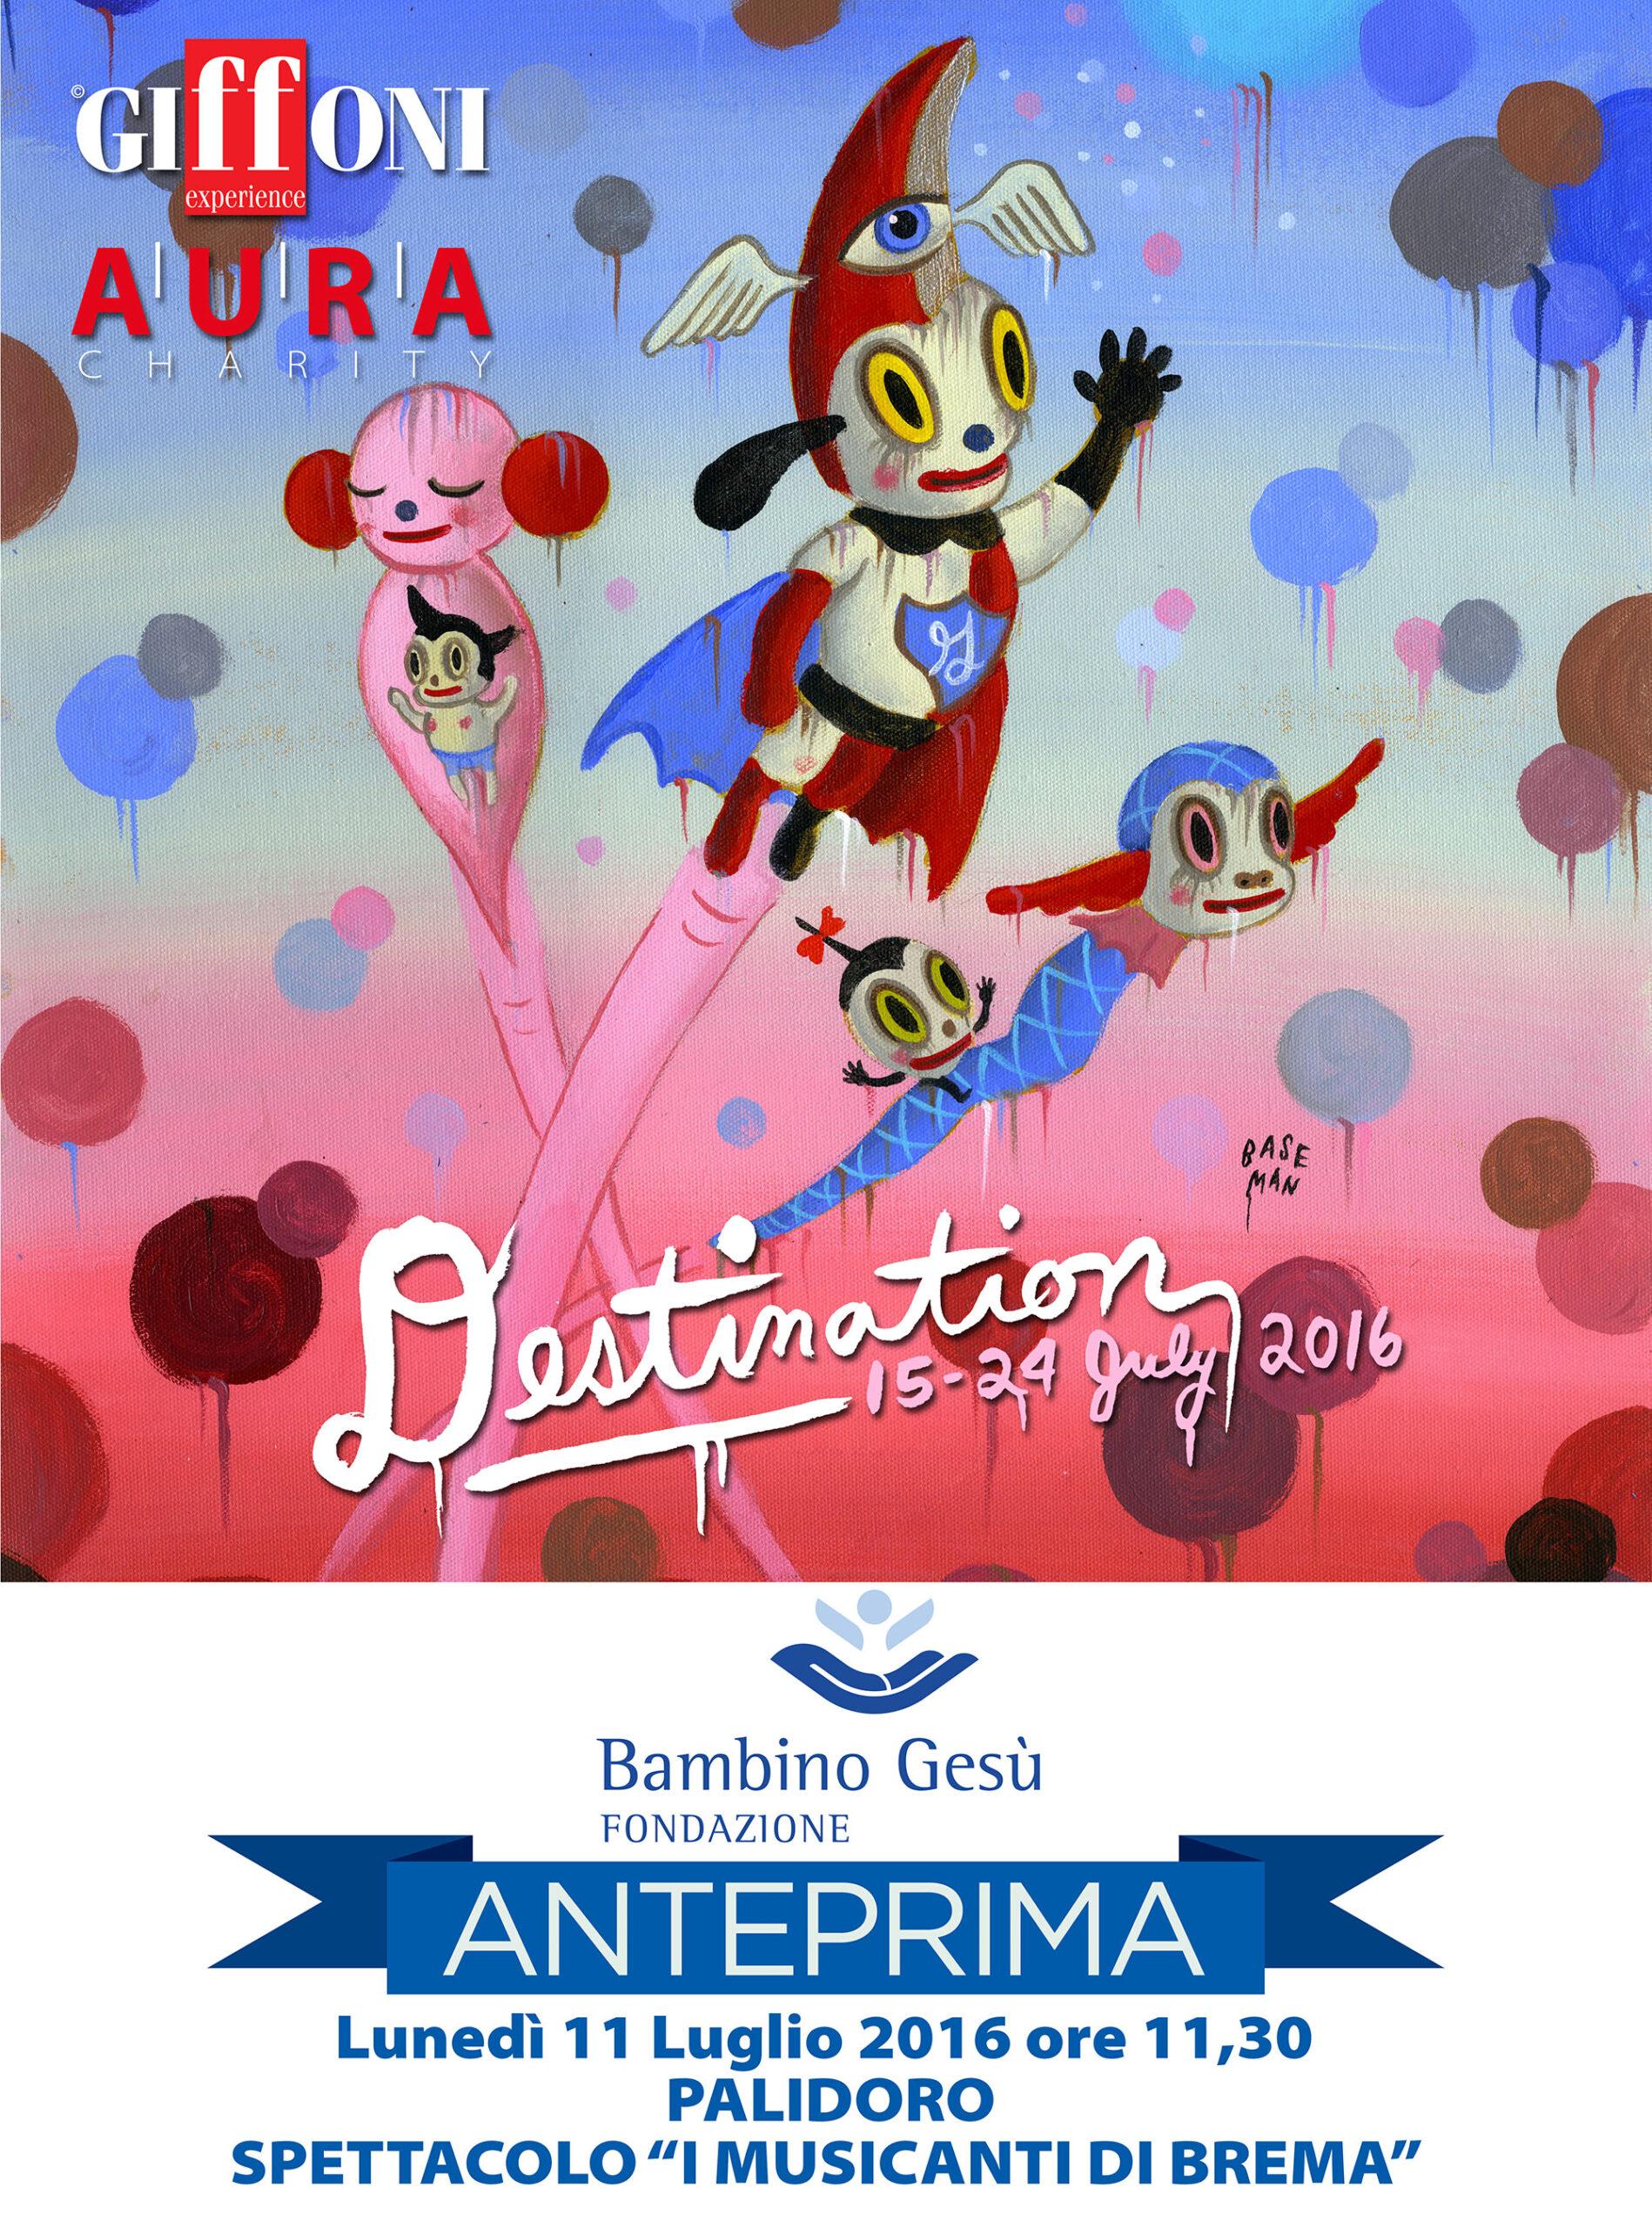 Anteprima ufficiale 46esima edizione del Giffoni FIlm Festival al Bambino Gesù di Roma